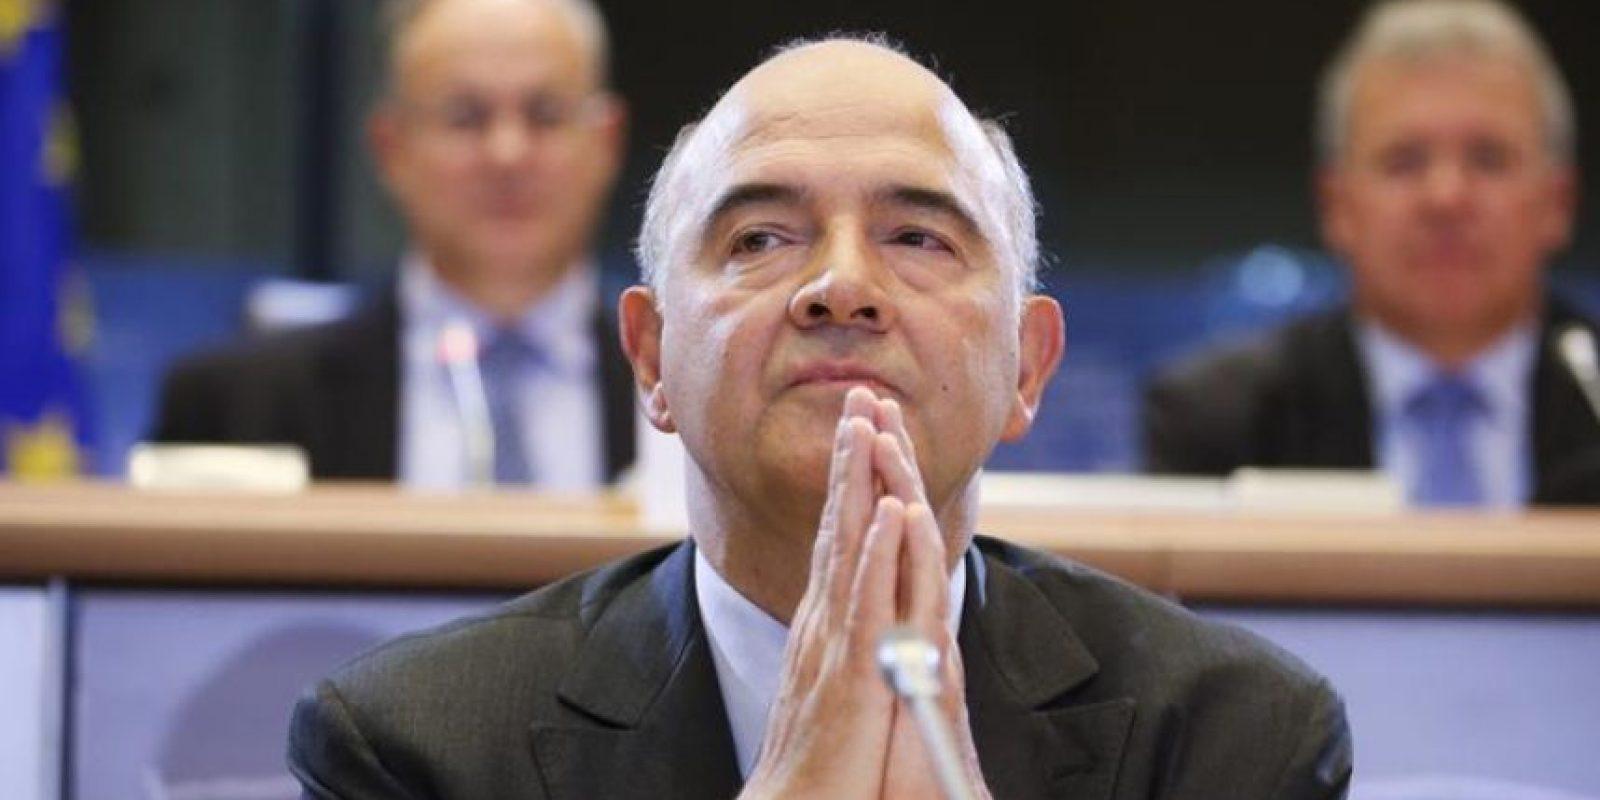 El candidato a comisario europeo de Asuntos Económicos y Monetarios, Pierre Moscovici, asiste hoy a la comisión parlamentaria de idoneidad para el cargo celebrado en el Parlamento Europeo en Bruselas, Bélgica. EFE